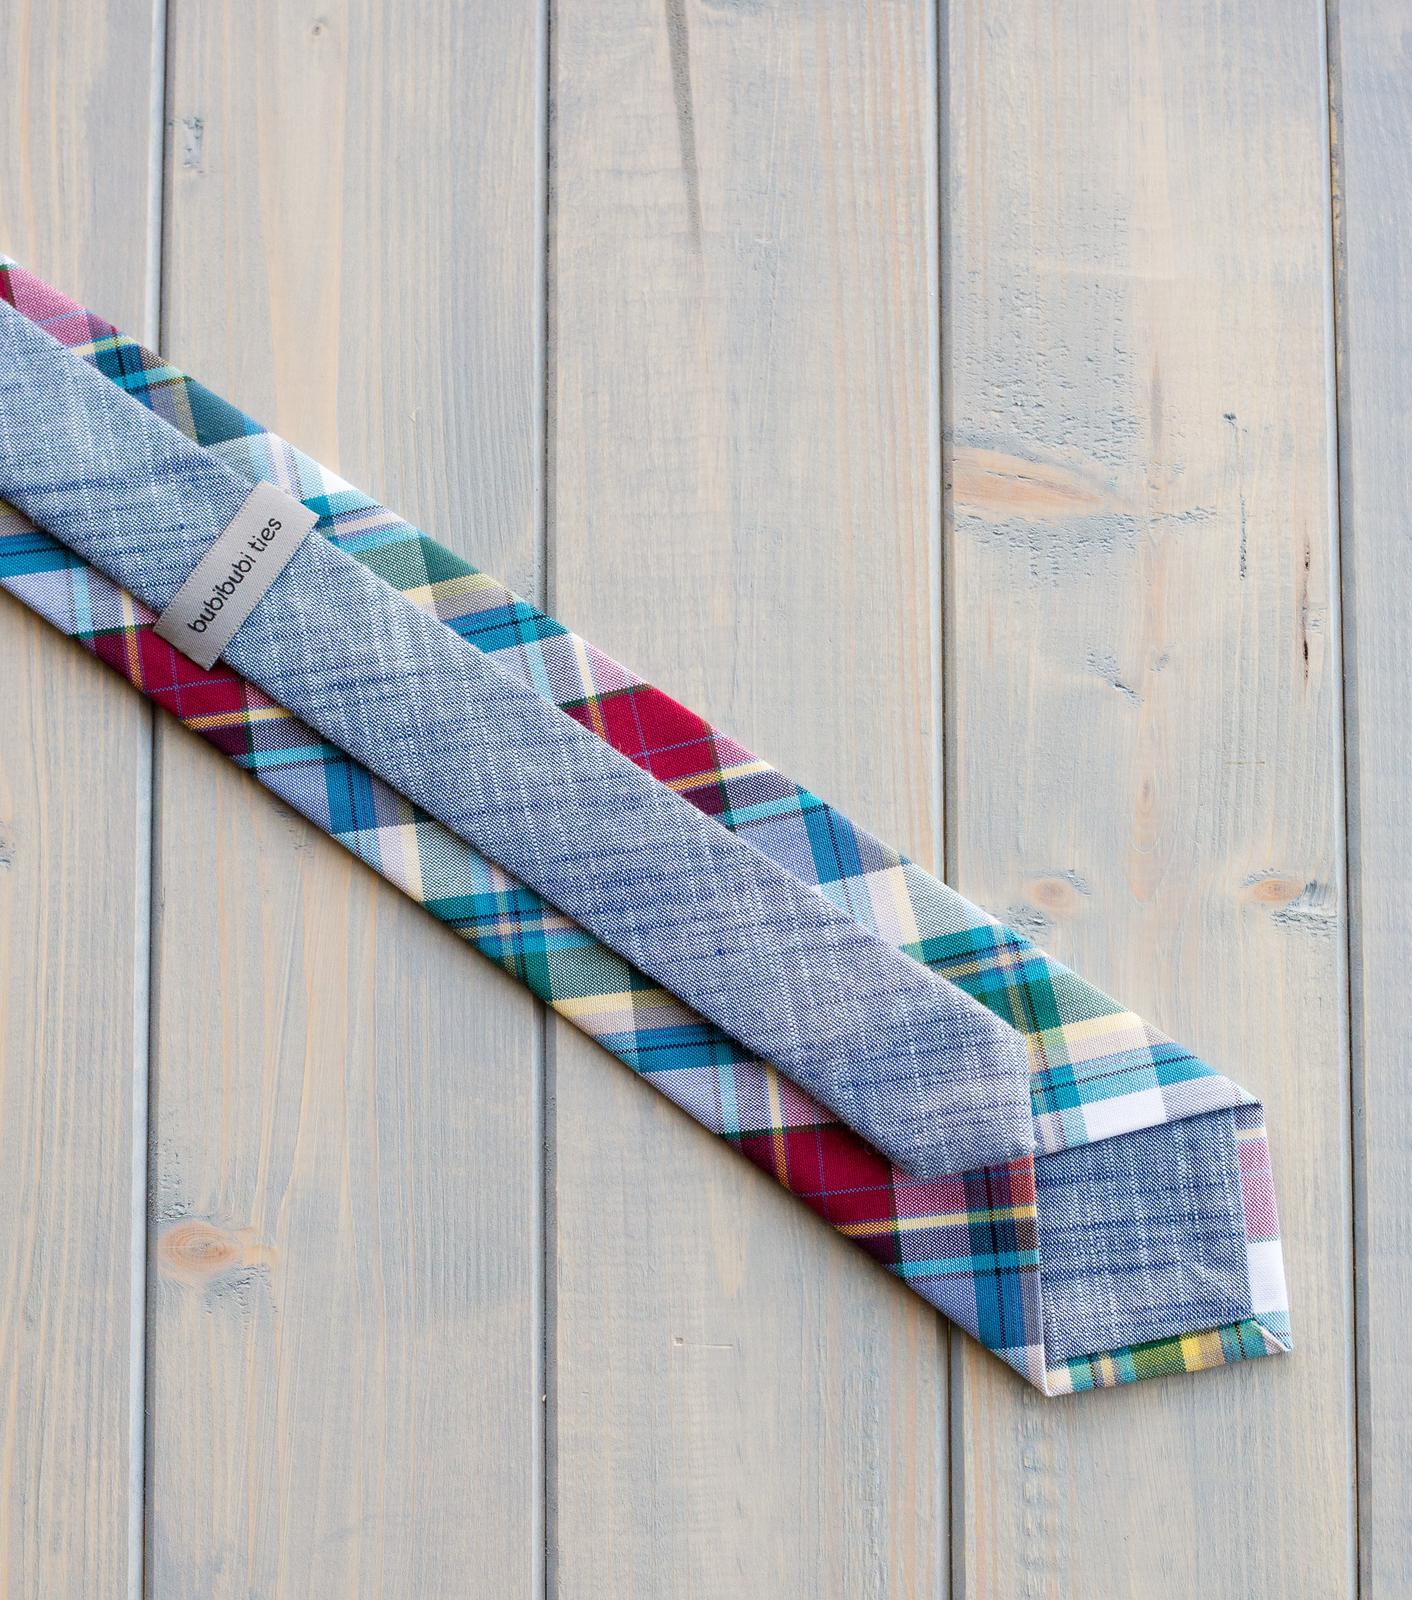 bubibubi_ties - Károvaná kravata modro-červeno-zelená.